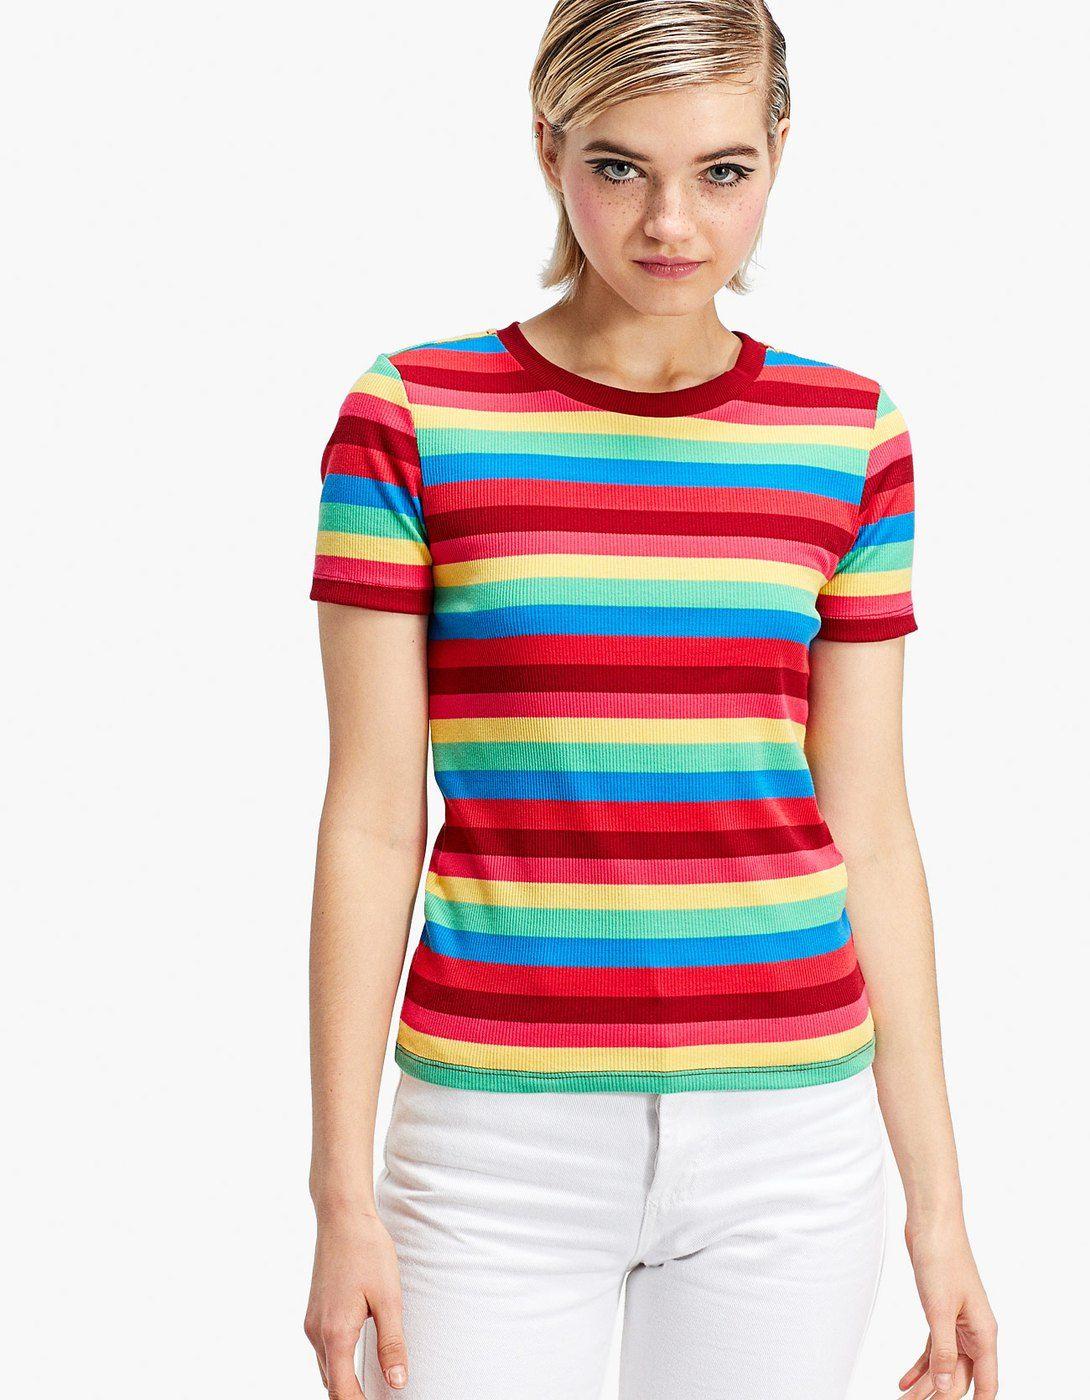 Camiseta rayas multicolor - Camisetas  dedec23556a